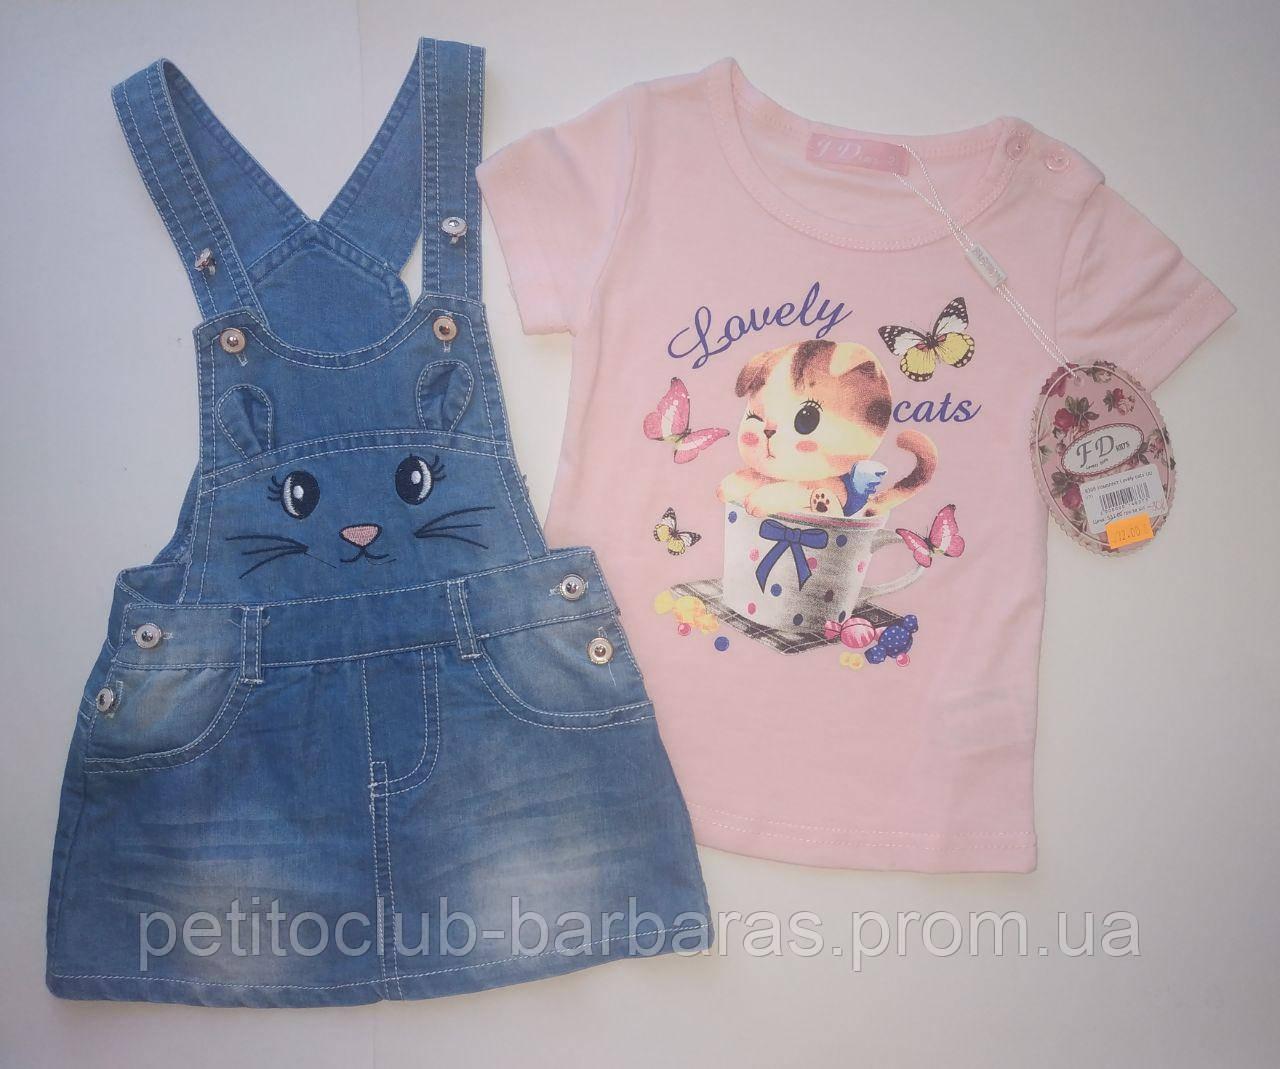 Детский летний комплект Lovely cats: джинсовый сарафан и светло-розовая футболка (Венгрия)